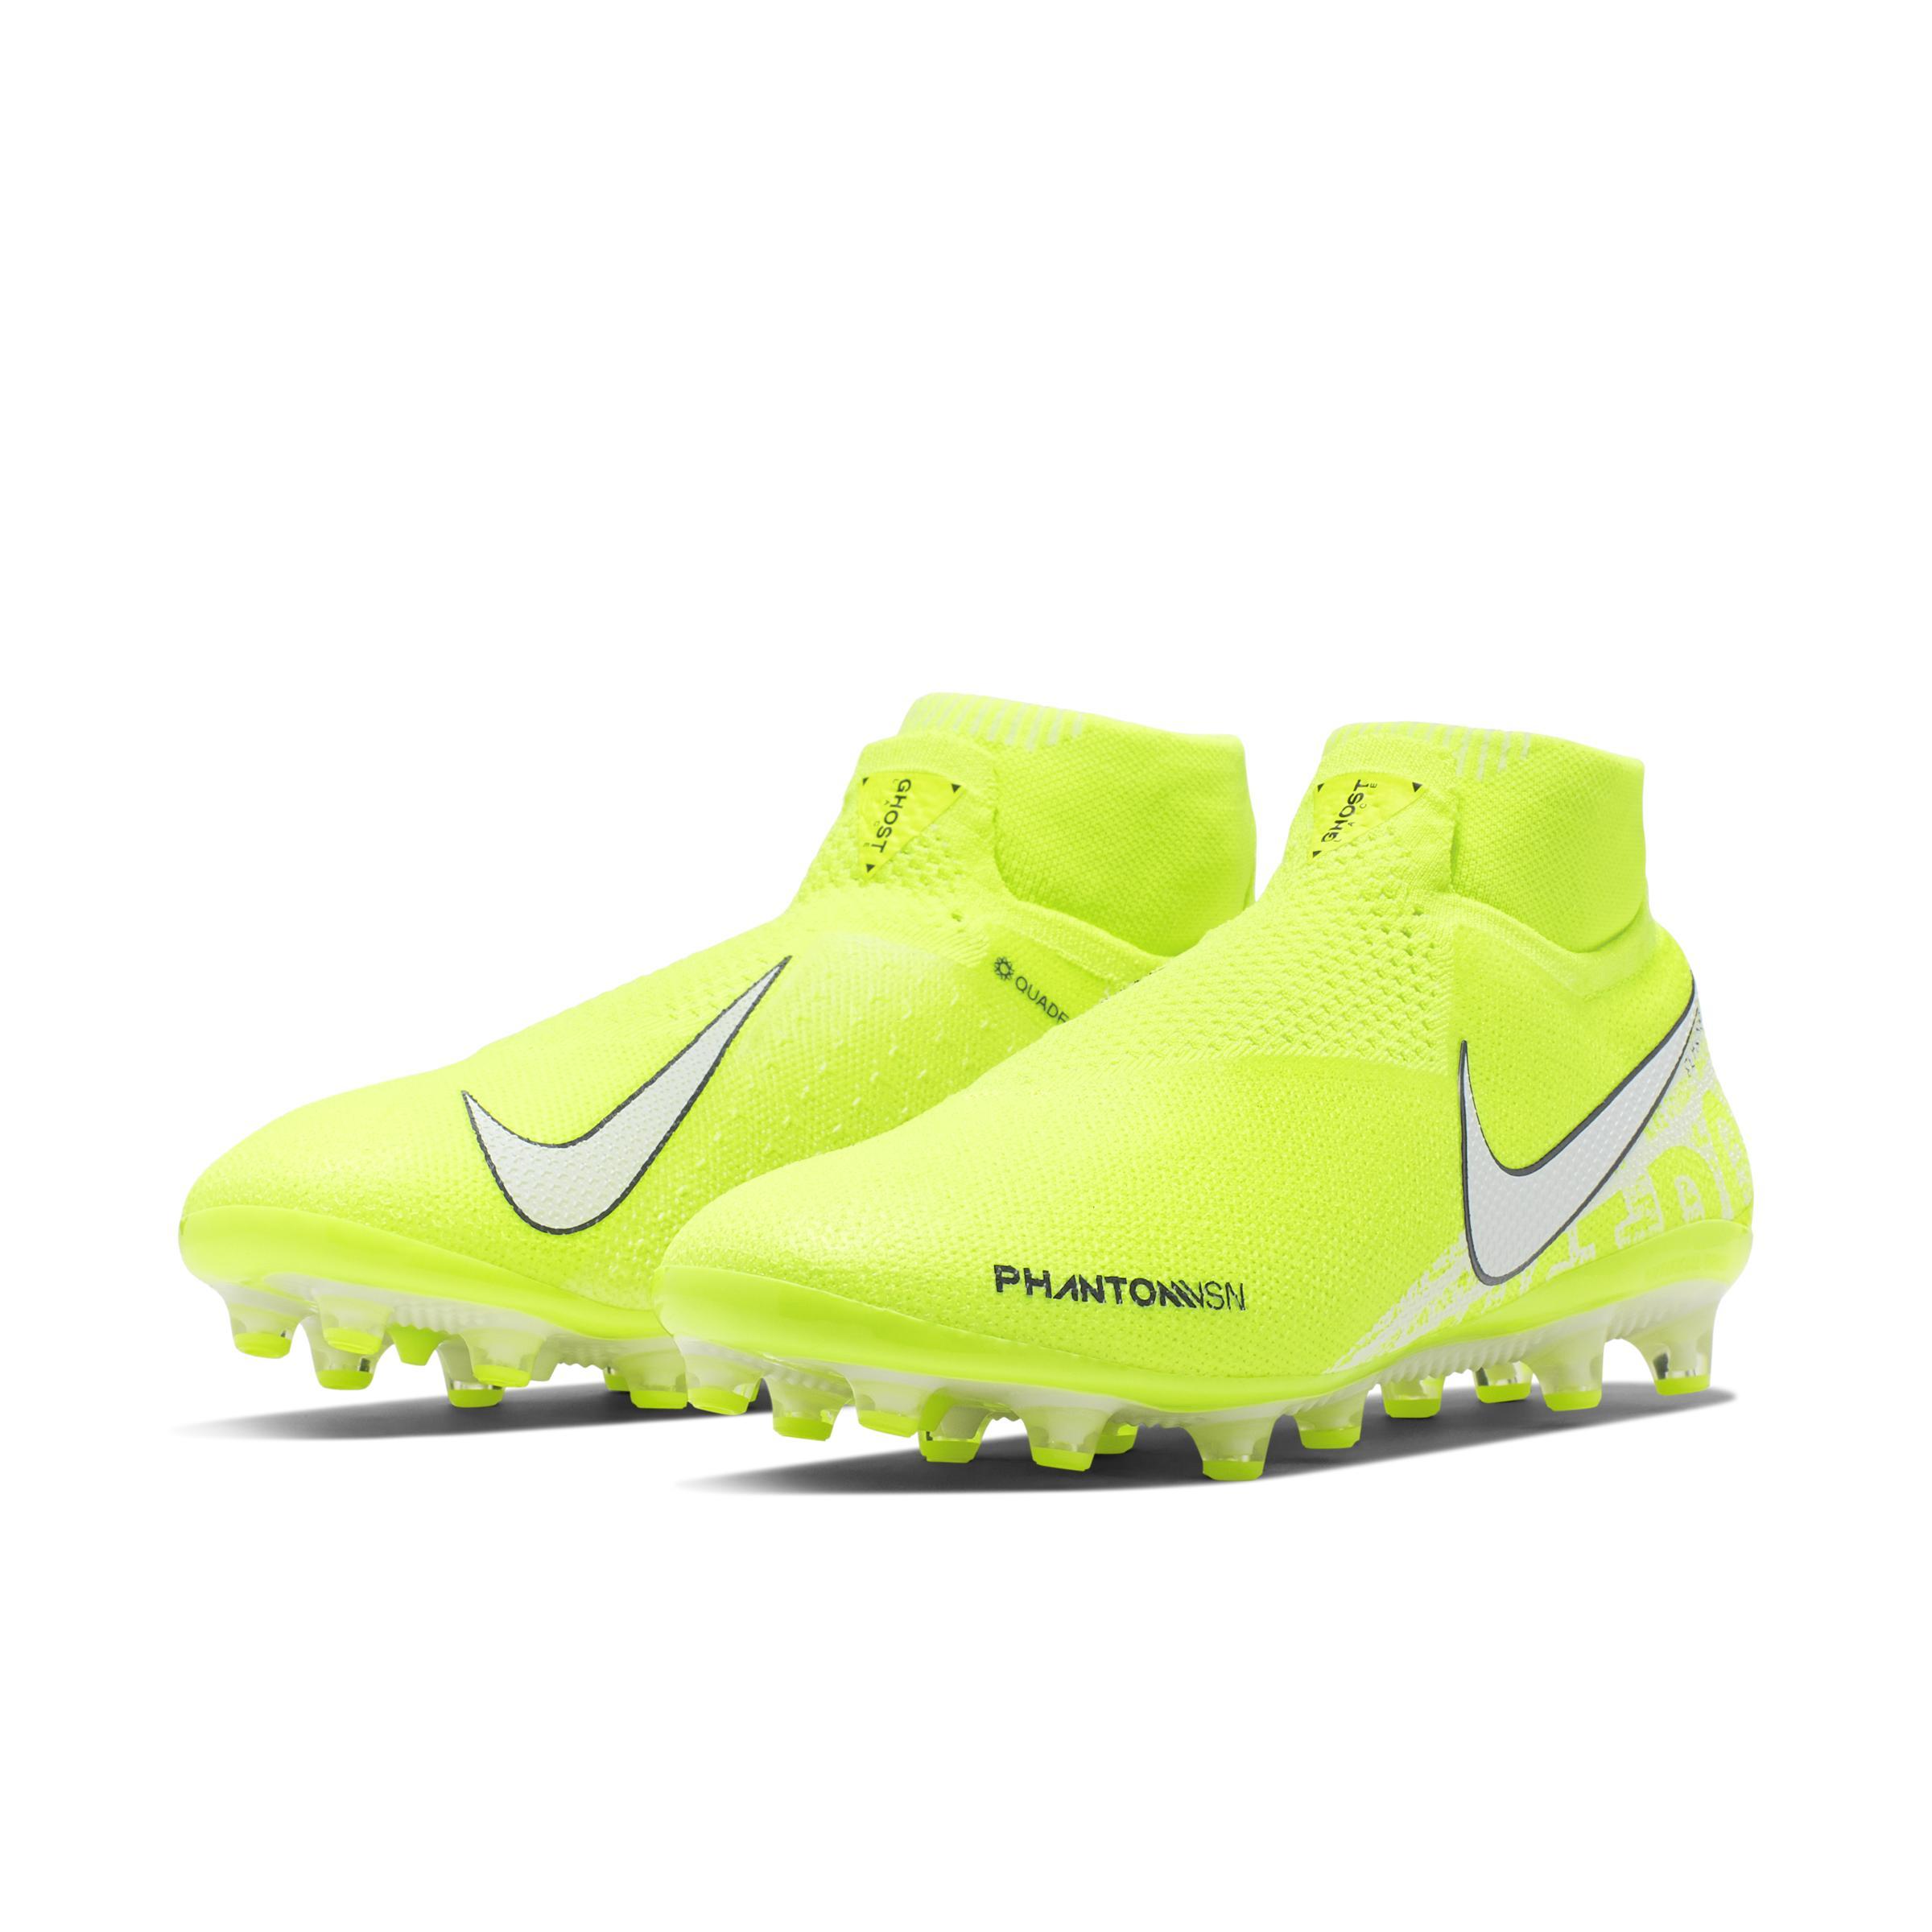 Phantom Vision Elite Dynamic Fit Botas de fútbol para césped artificial Nike de Encaje de color Amarillo: ahorra un 22 %